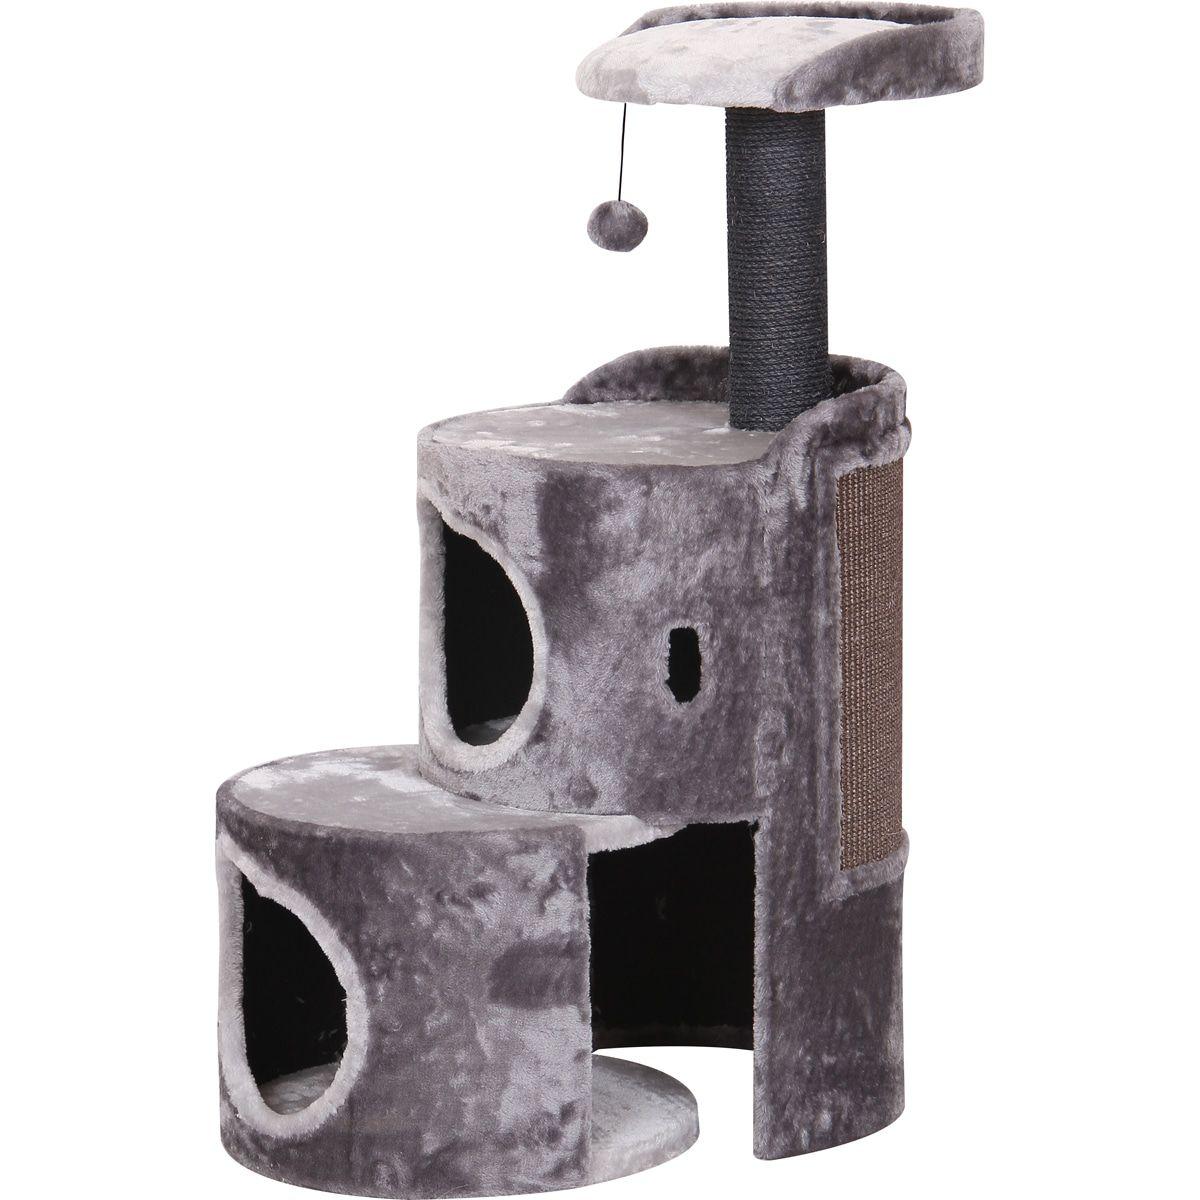 Krabpaal-Tonni-Grijs-43-x-60-x-94.5-cm-Grijs